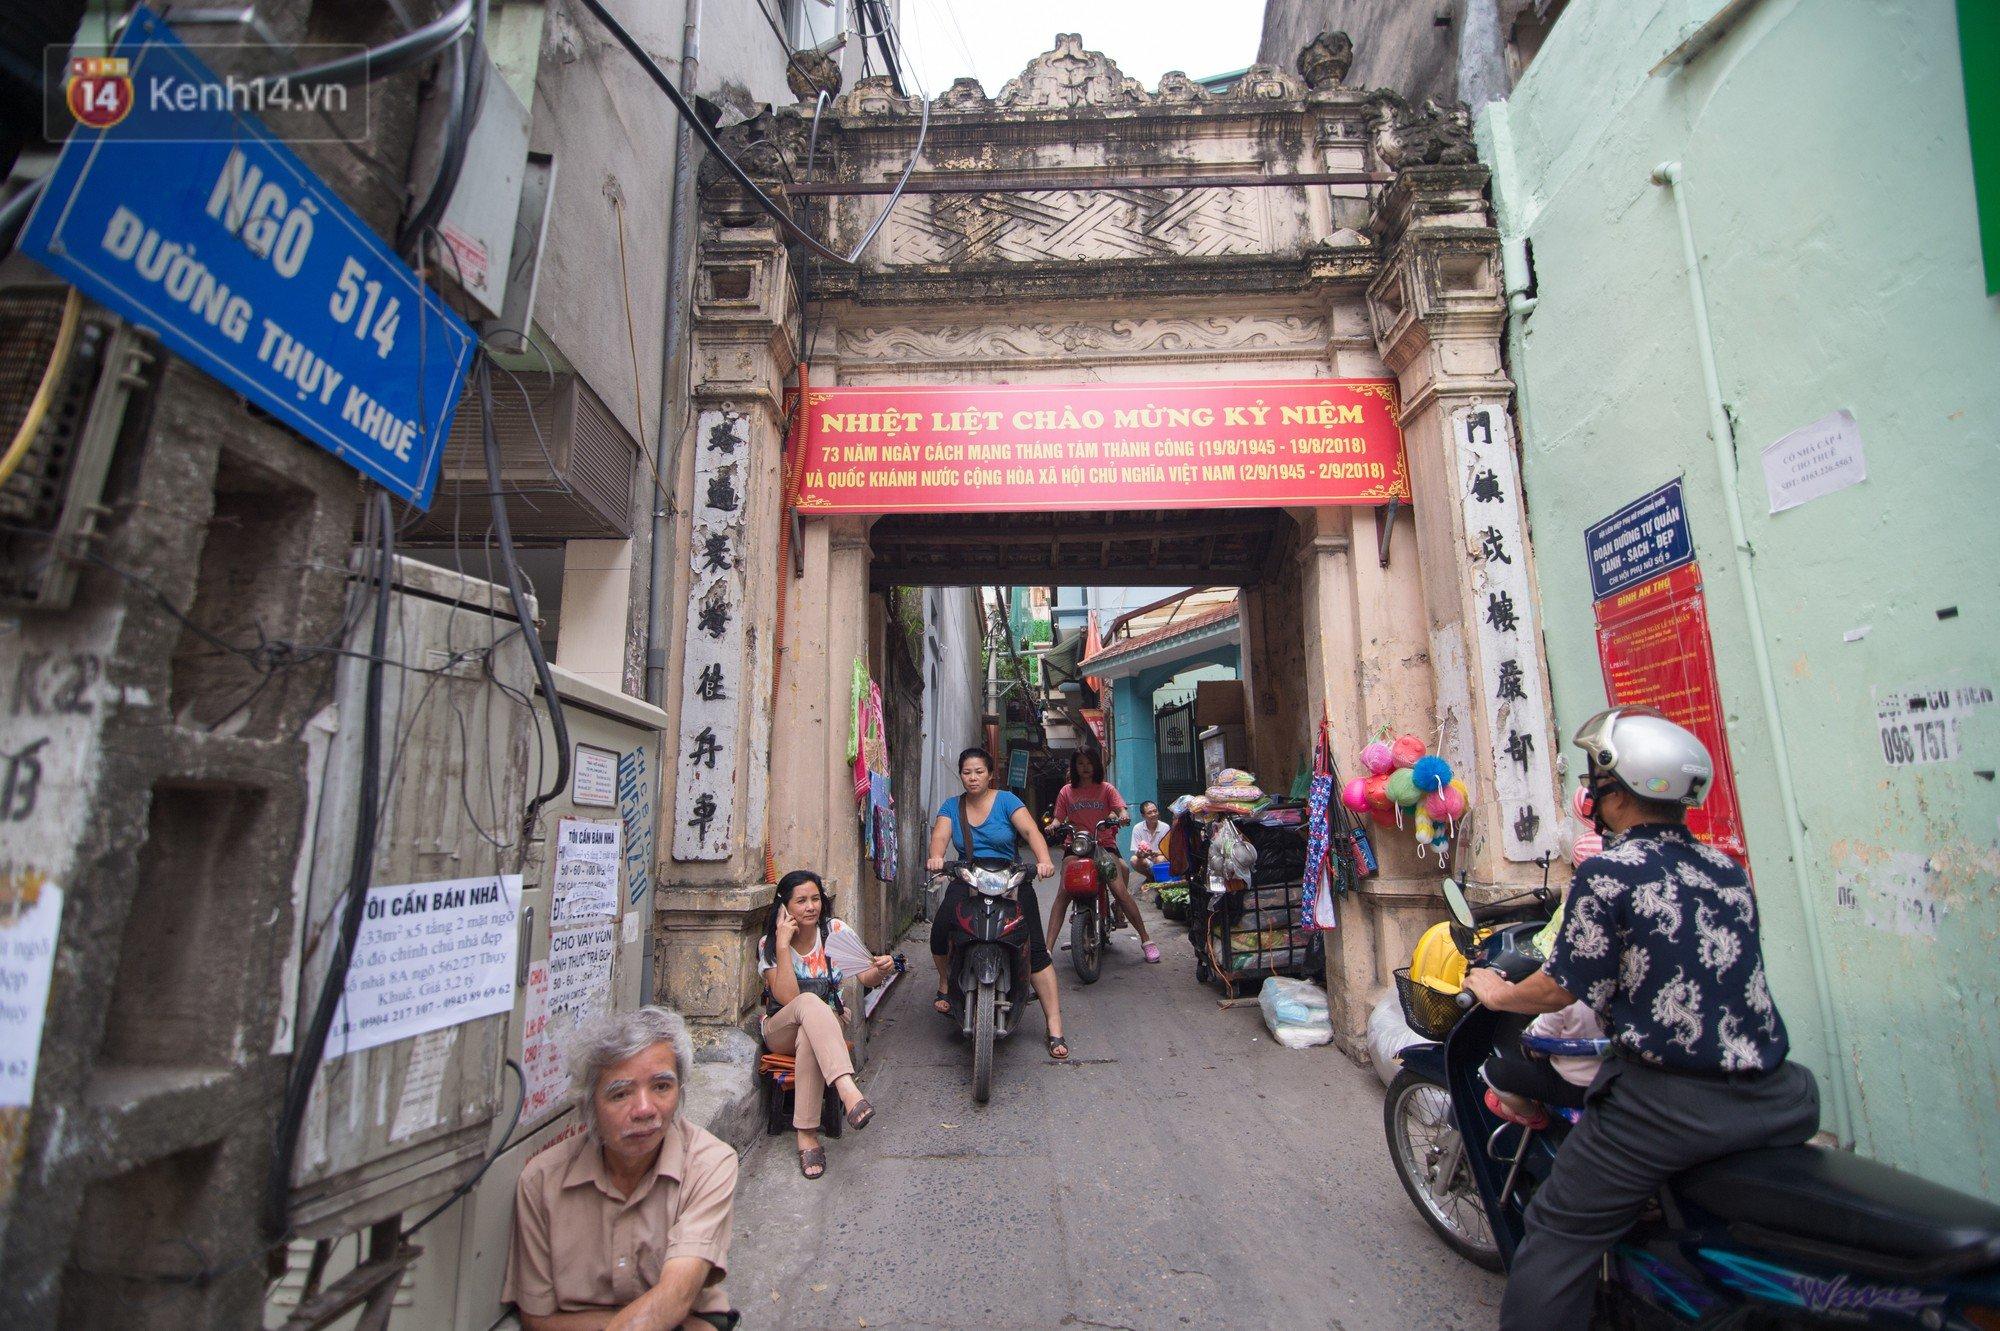 Chuyện về một con phố có nhiều cổng làng nhất Hà Nội: Đưa chân qua cổng phải tôn trọng nếp làng - Ảnh 6.